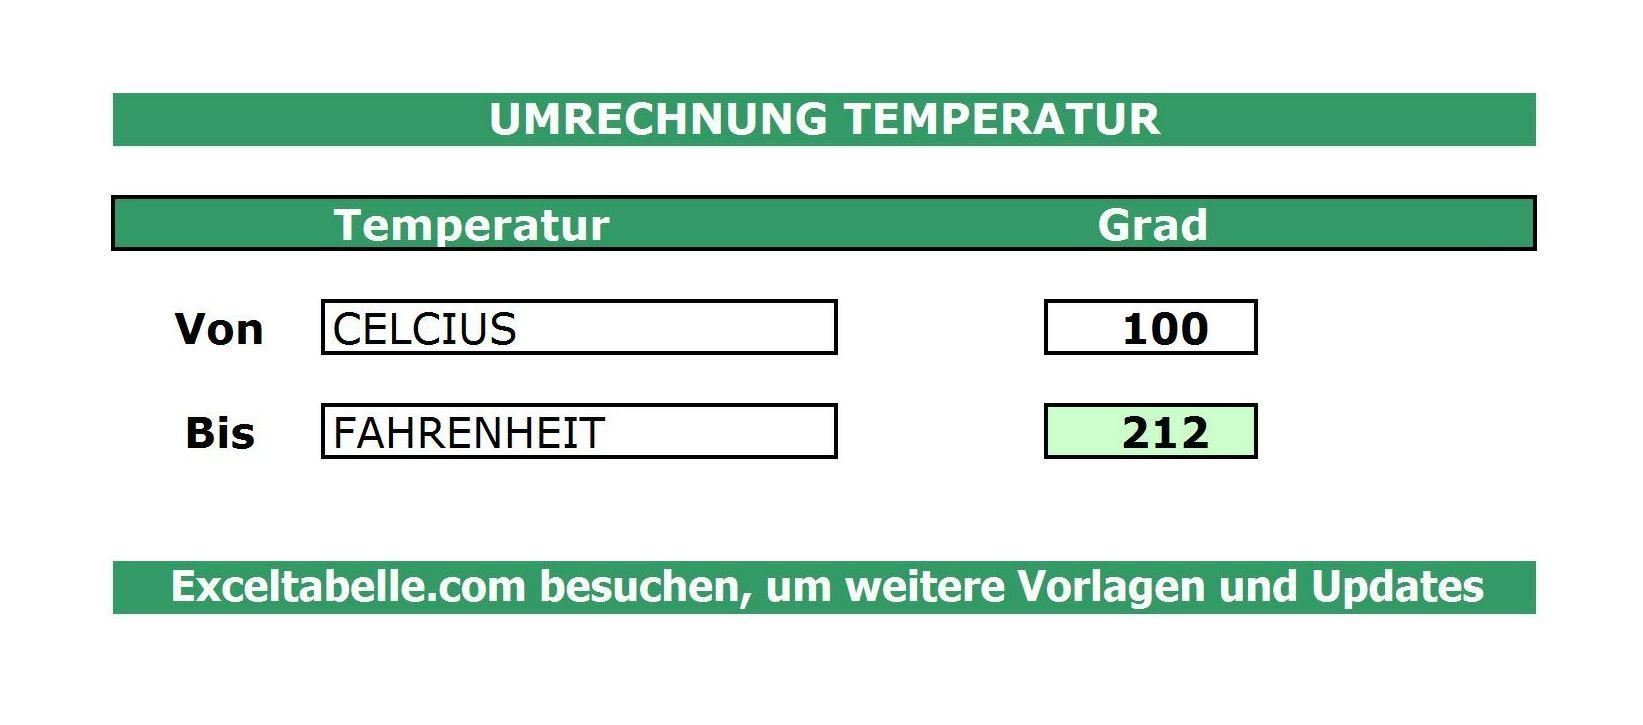 Umrechnung-Temperatur